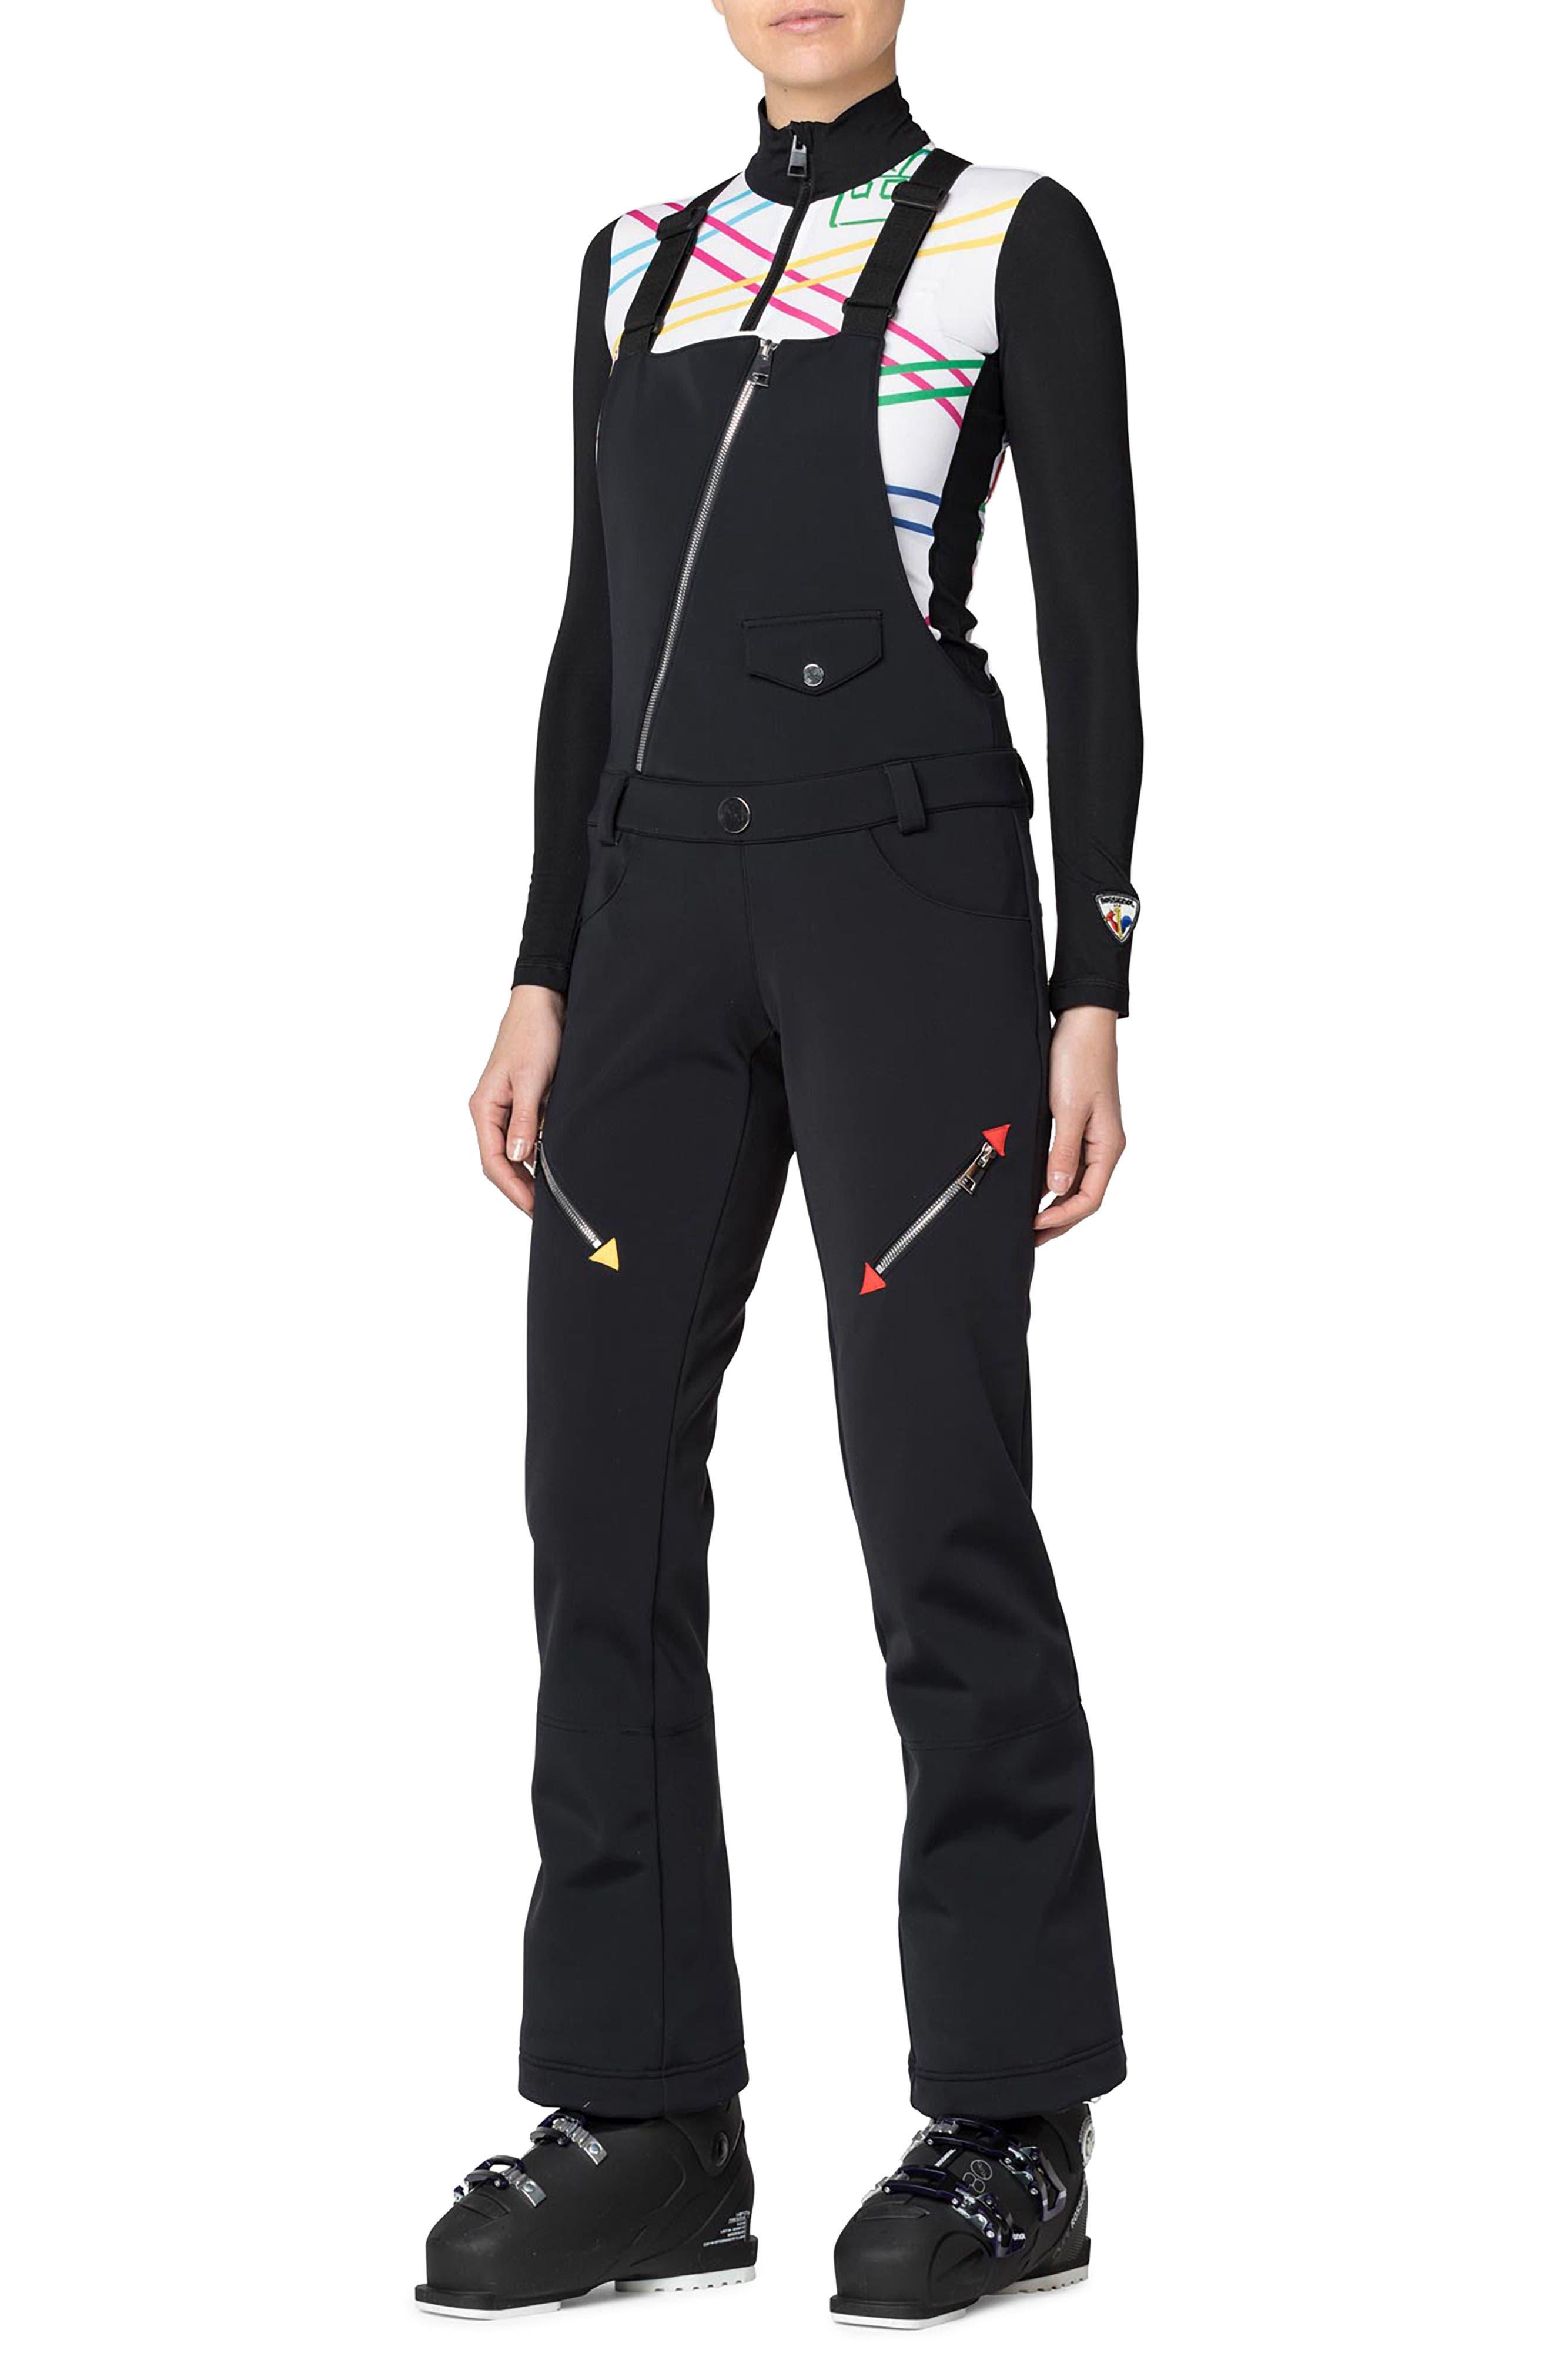 Altirock One-Piece Ski Suit, Main, color, 010